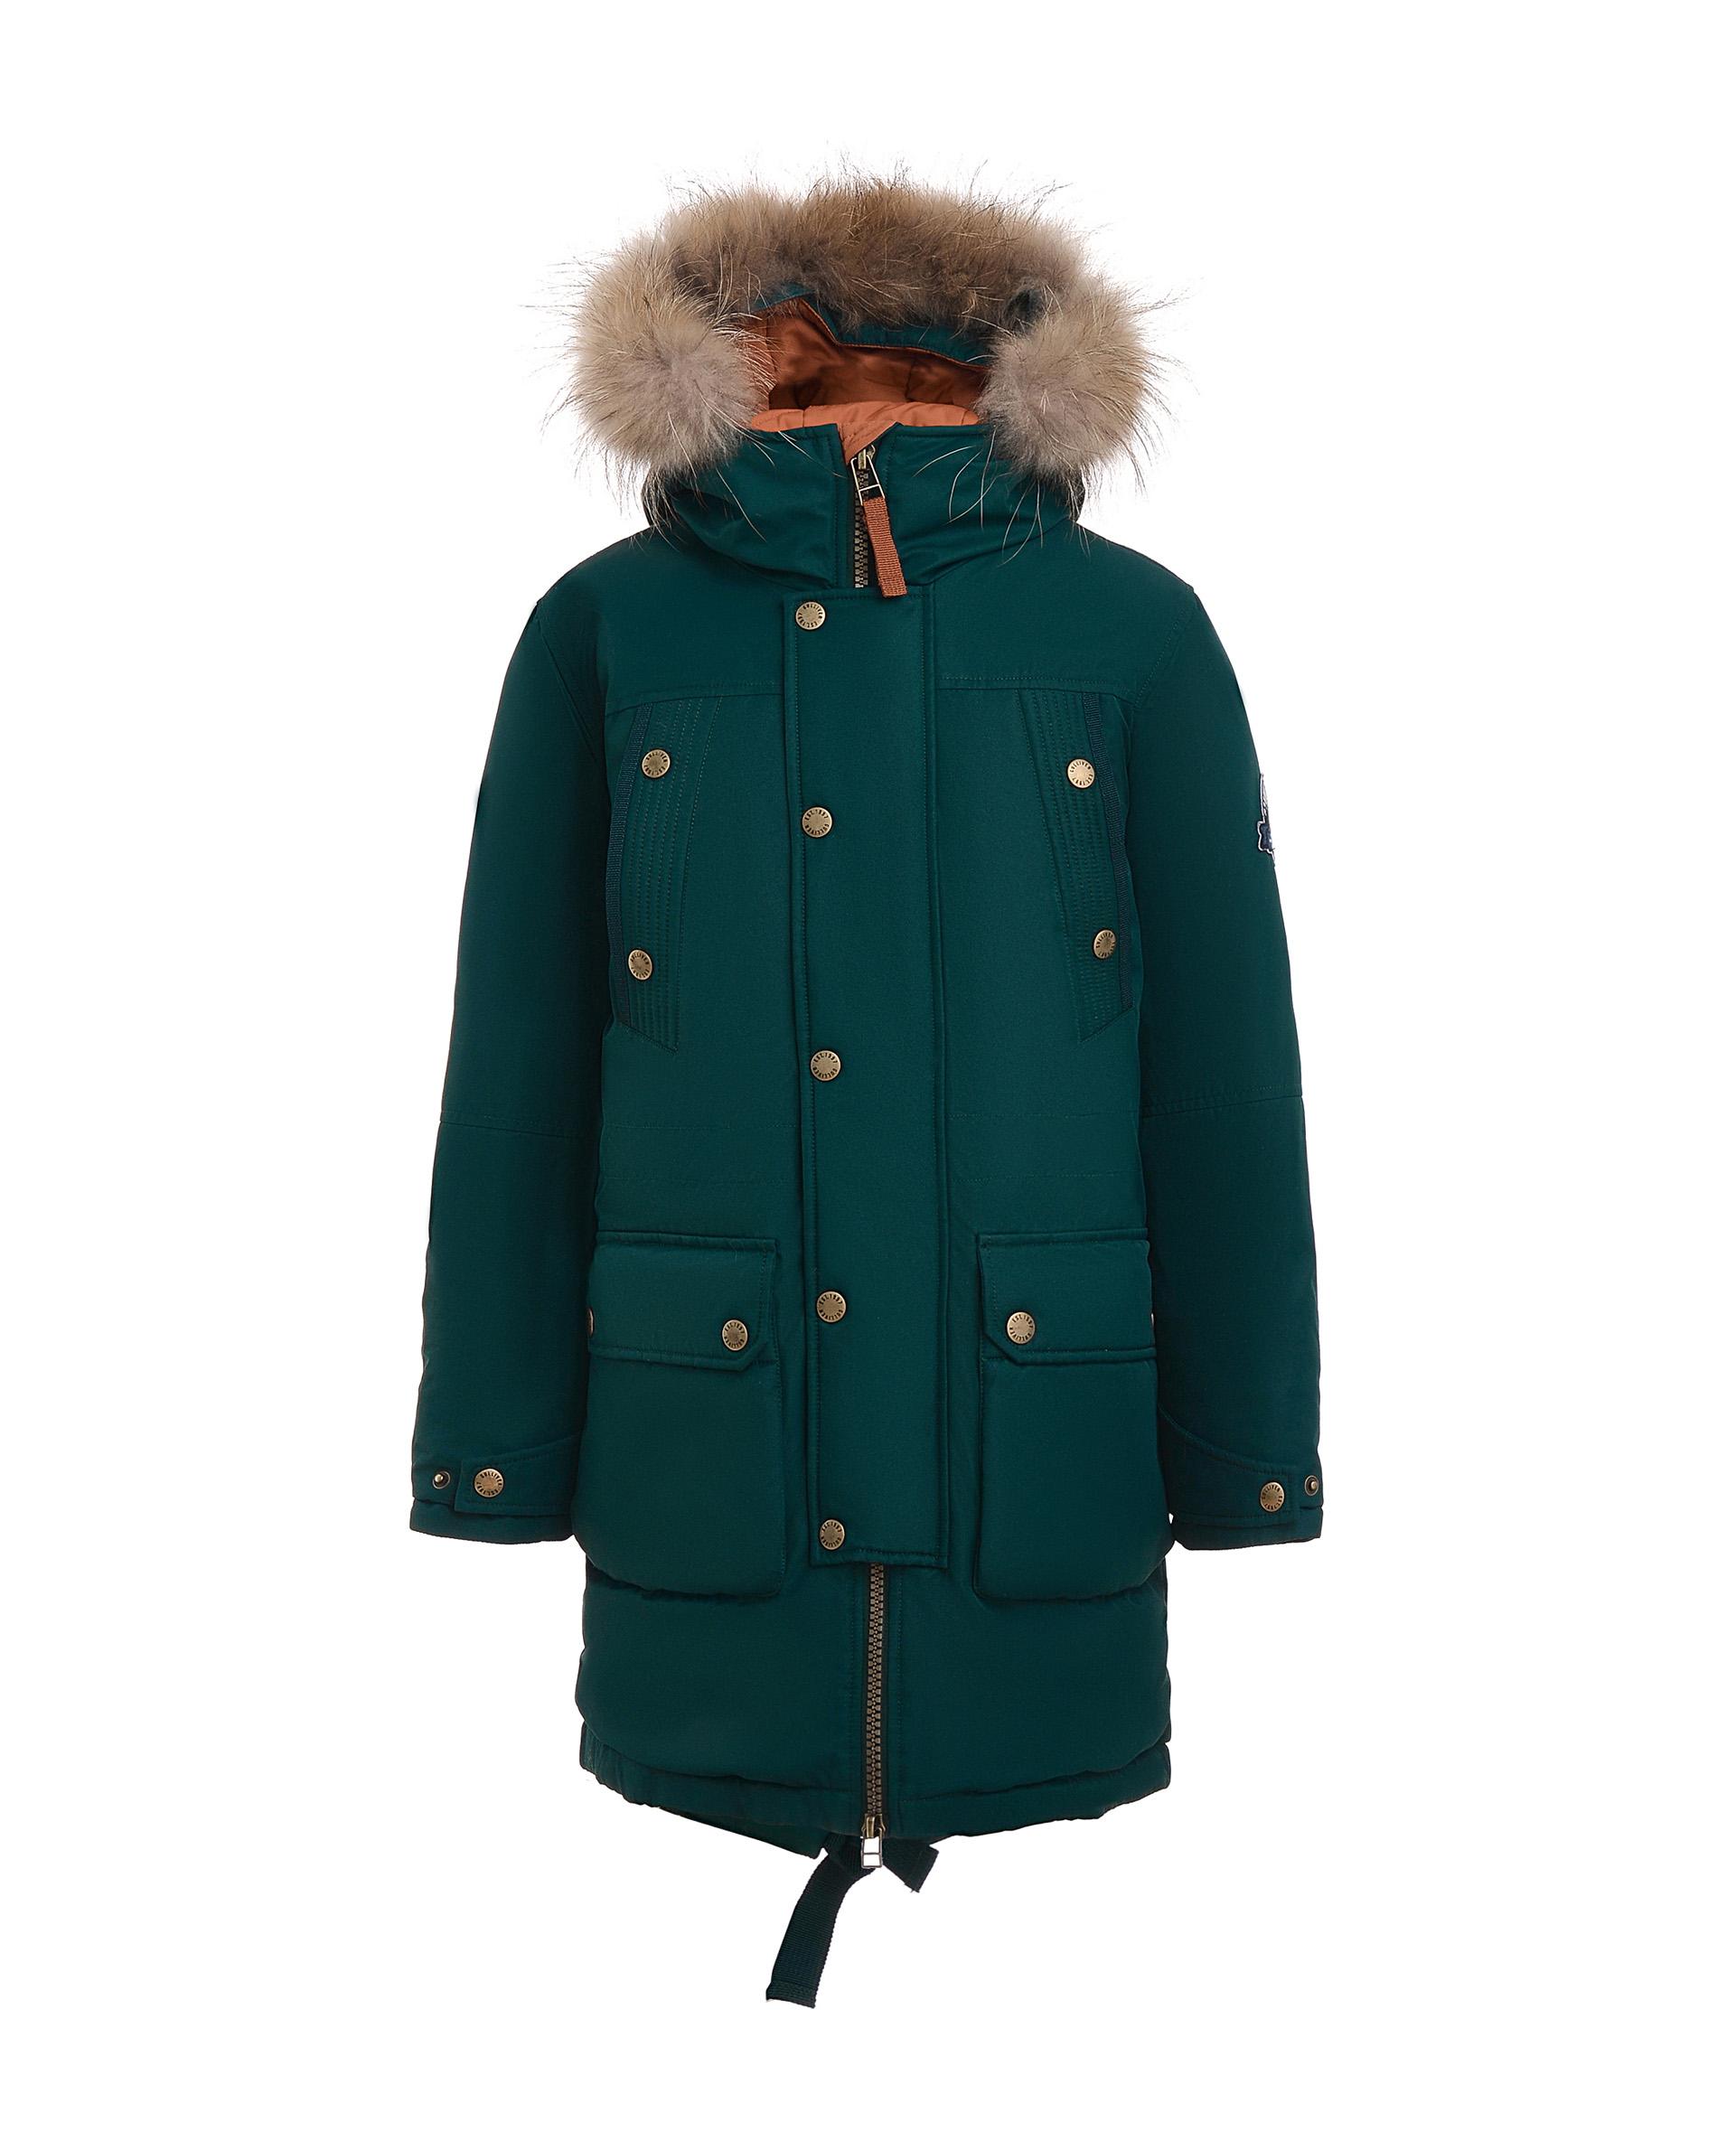 Пальто для мальчиков Gulliver, цв. зеленый, р.140 21911BJC4506